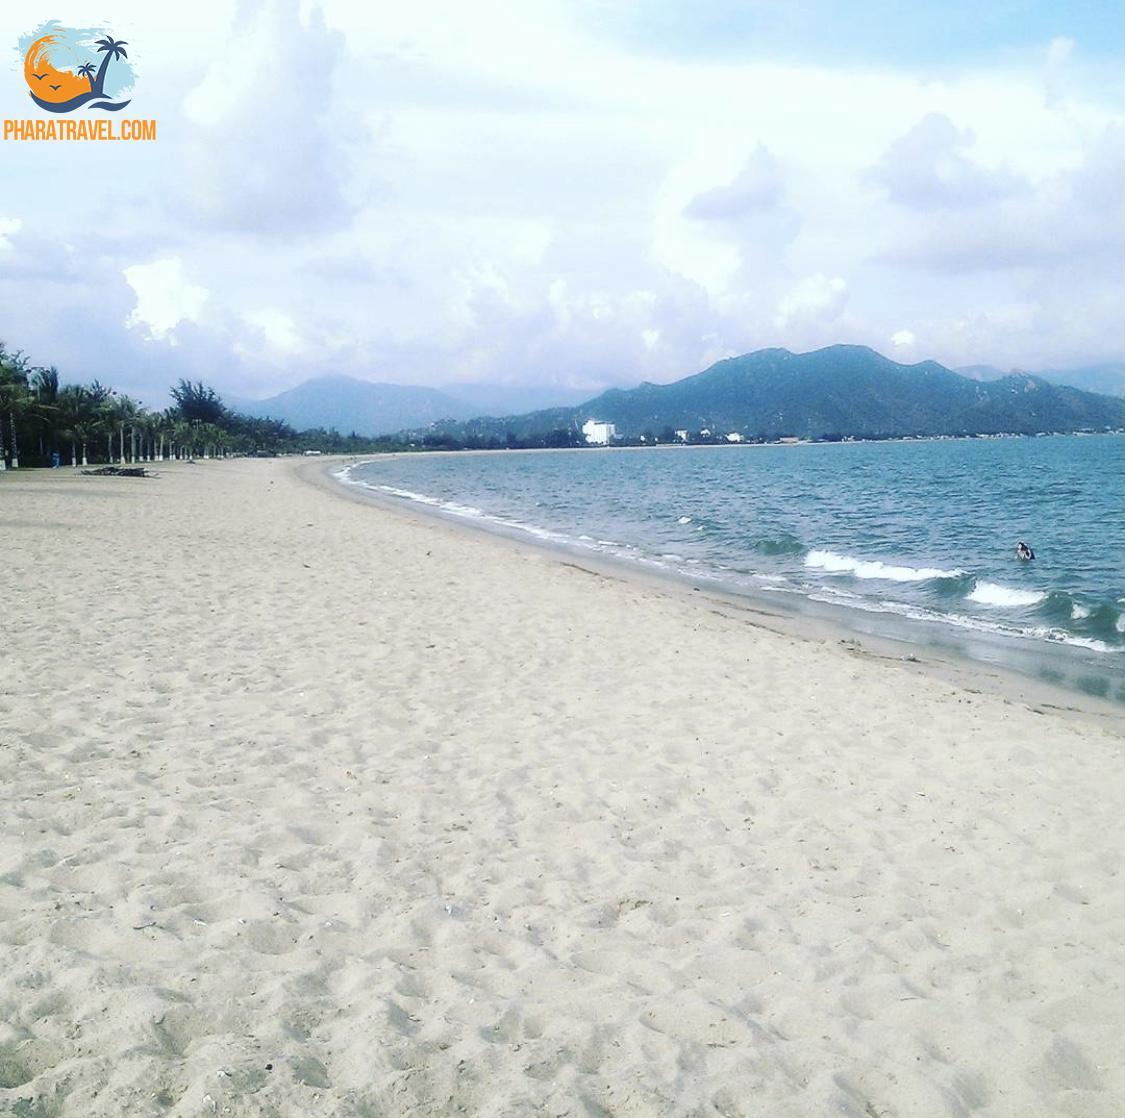 Kinh nghiệm du lịch biển Ninh Chữ Bình Sơn cho bạn nhiều trải nghiệm mới